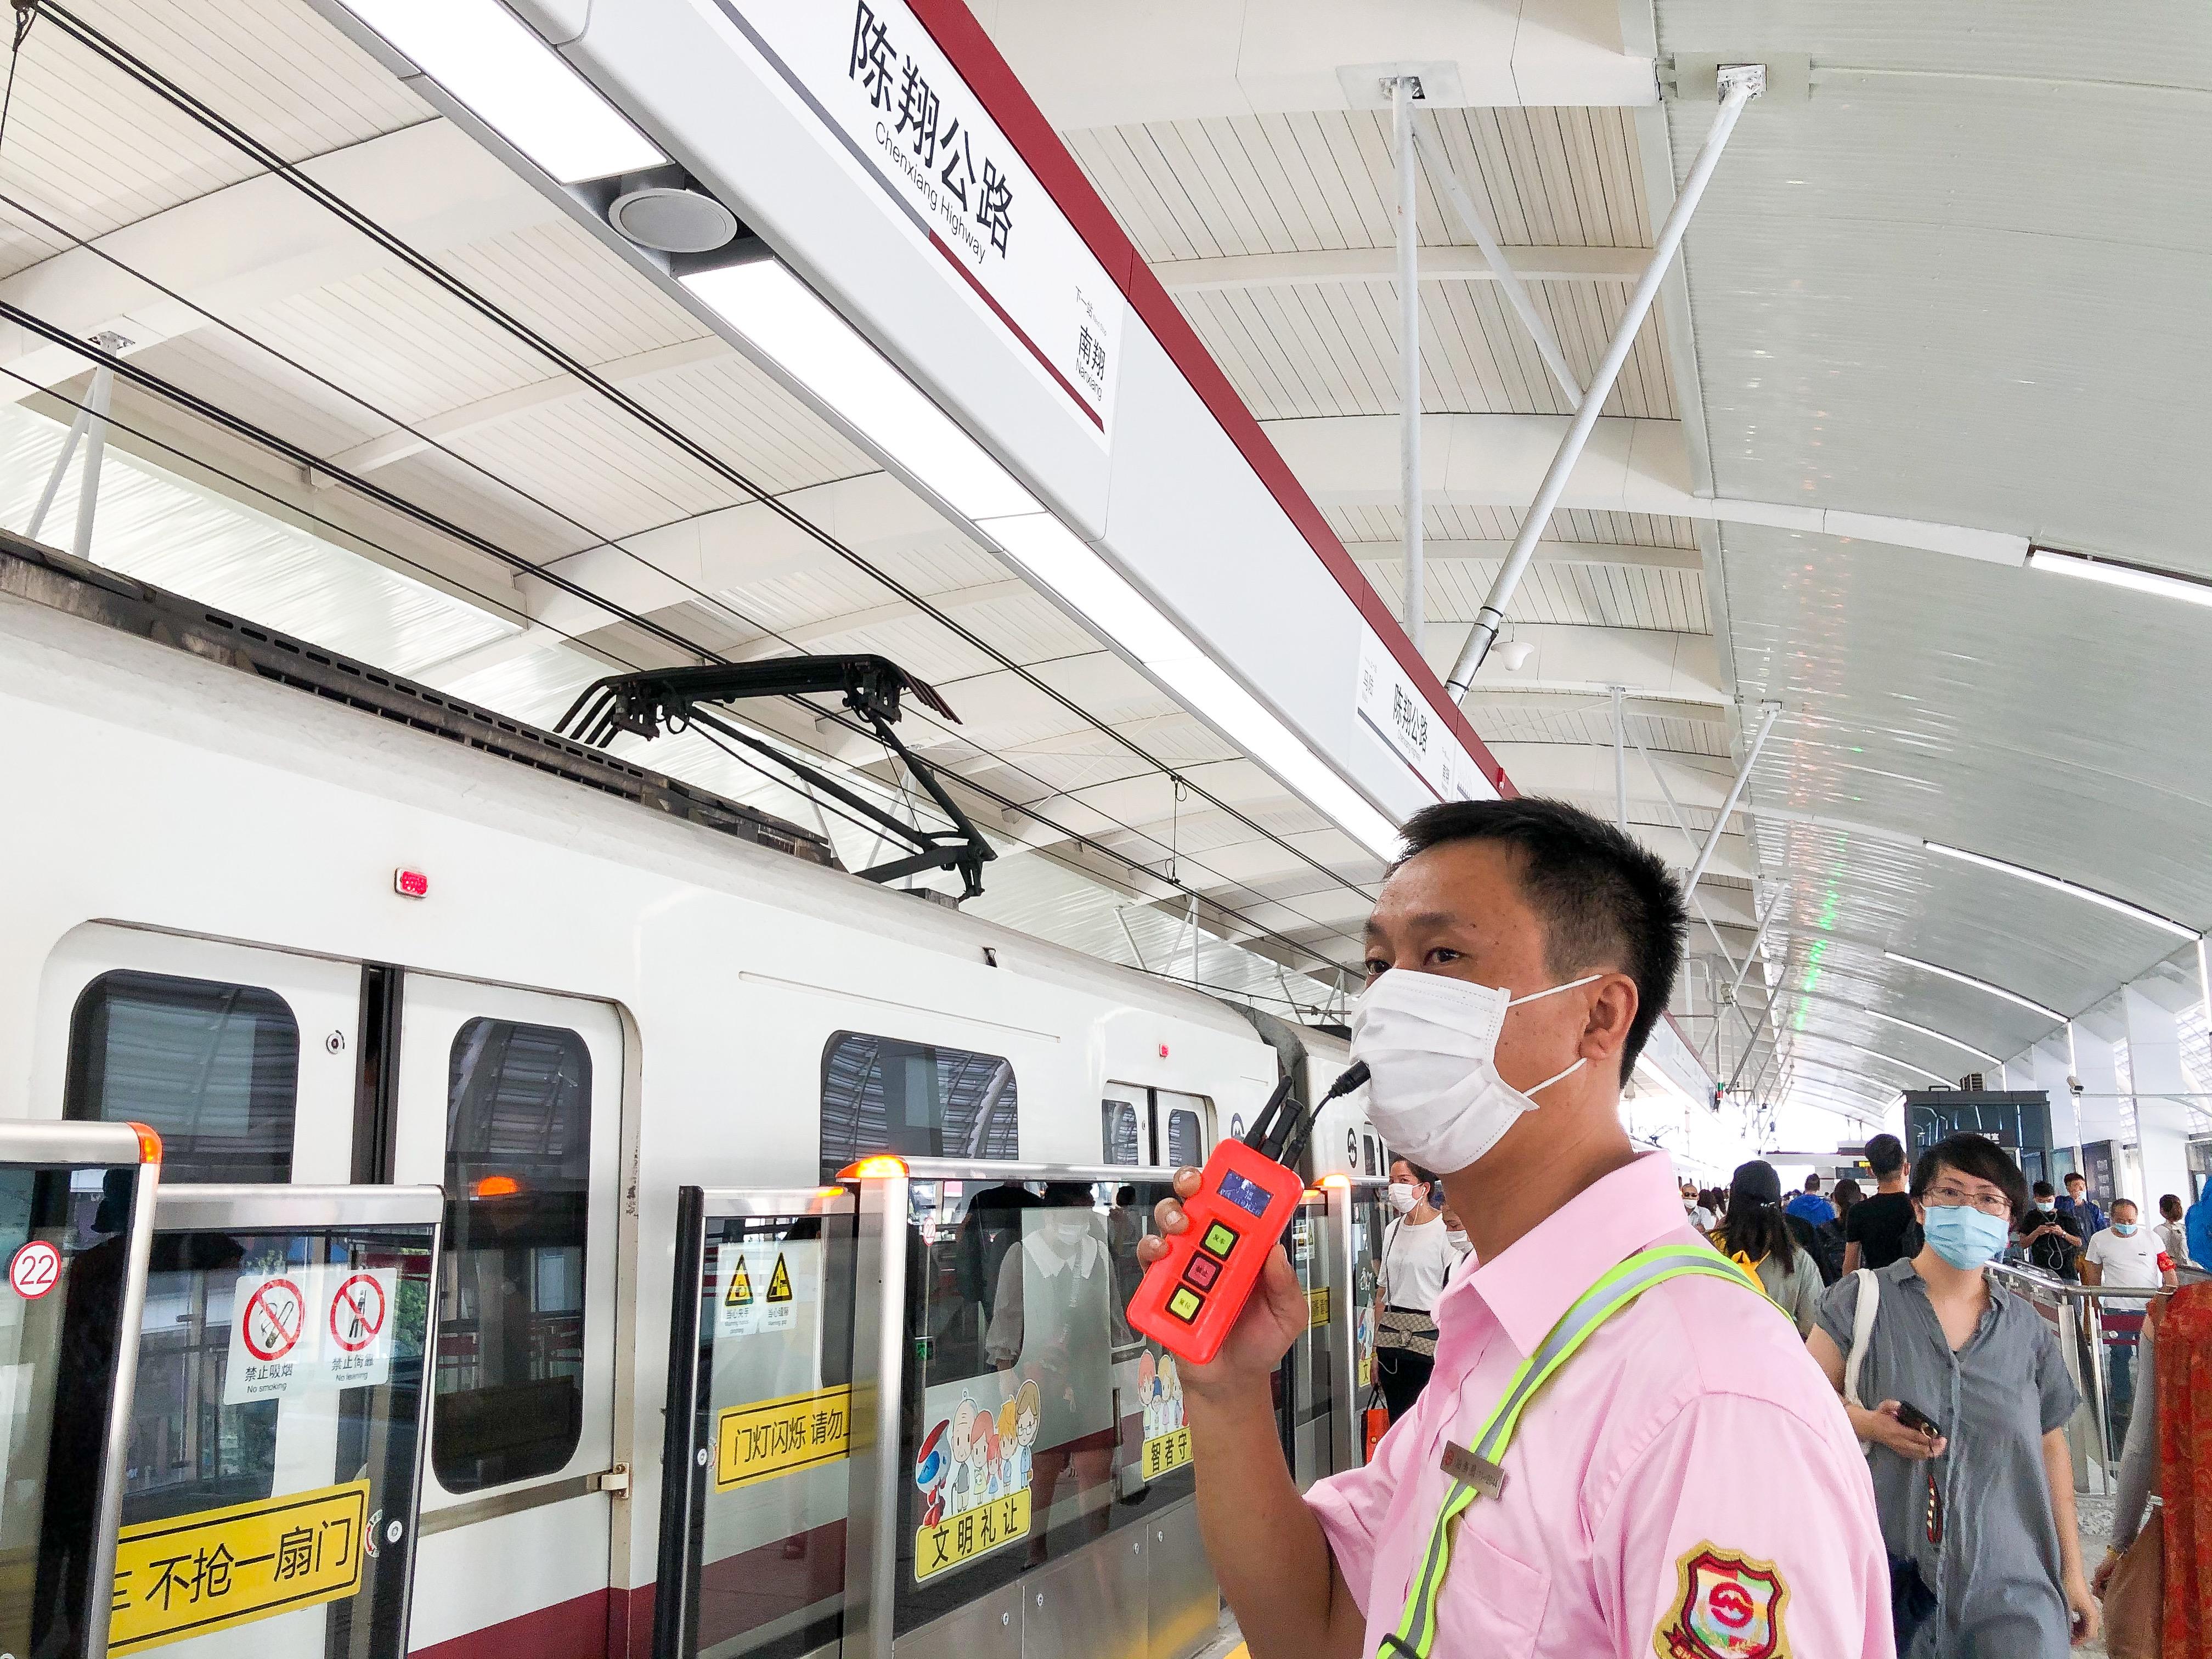 8月25日上午,站务员周国强正在现场进行播报,提示乘客:门灯闪烁,请乘客们停止上下车。